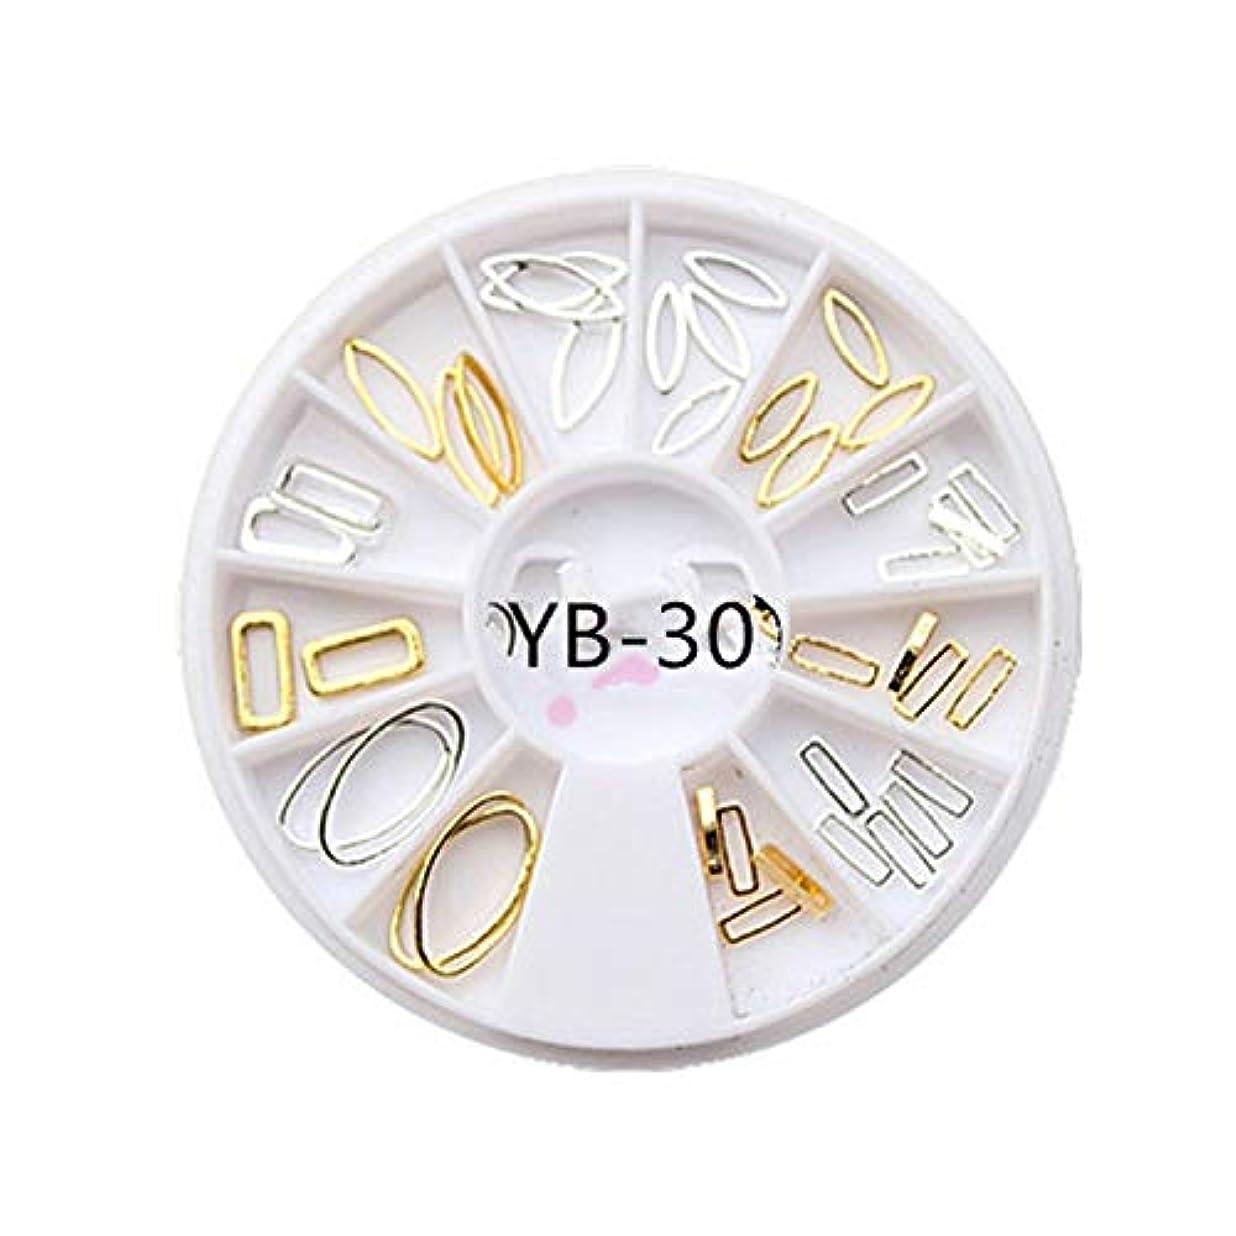 ロードブロッキング実験をする露手足ビューティーケア 3ピースdiyマニキュアディスク飾りアーク金属リング不規則フレーム中空馬の目のリベット光線療法ネイルデコレーション (色 : YB-30)